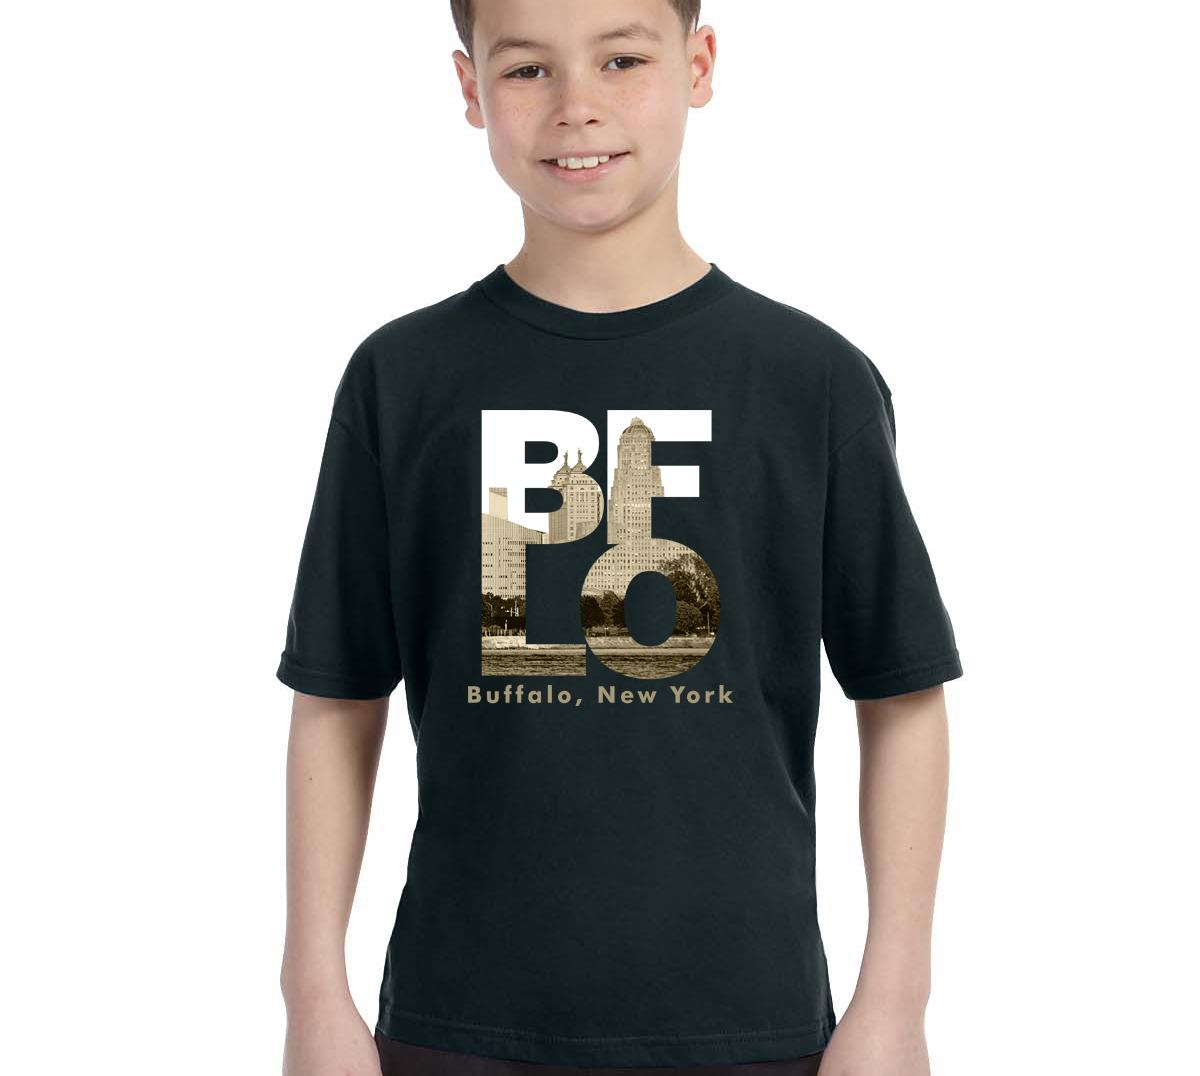 Bflo t shirt for boys by marinette kozlow youth for Custom t shirts buffalo ny